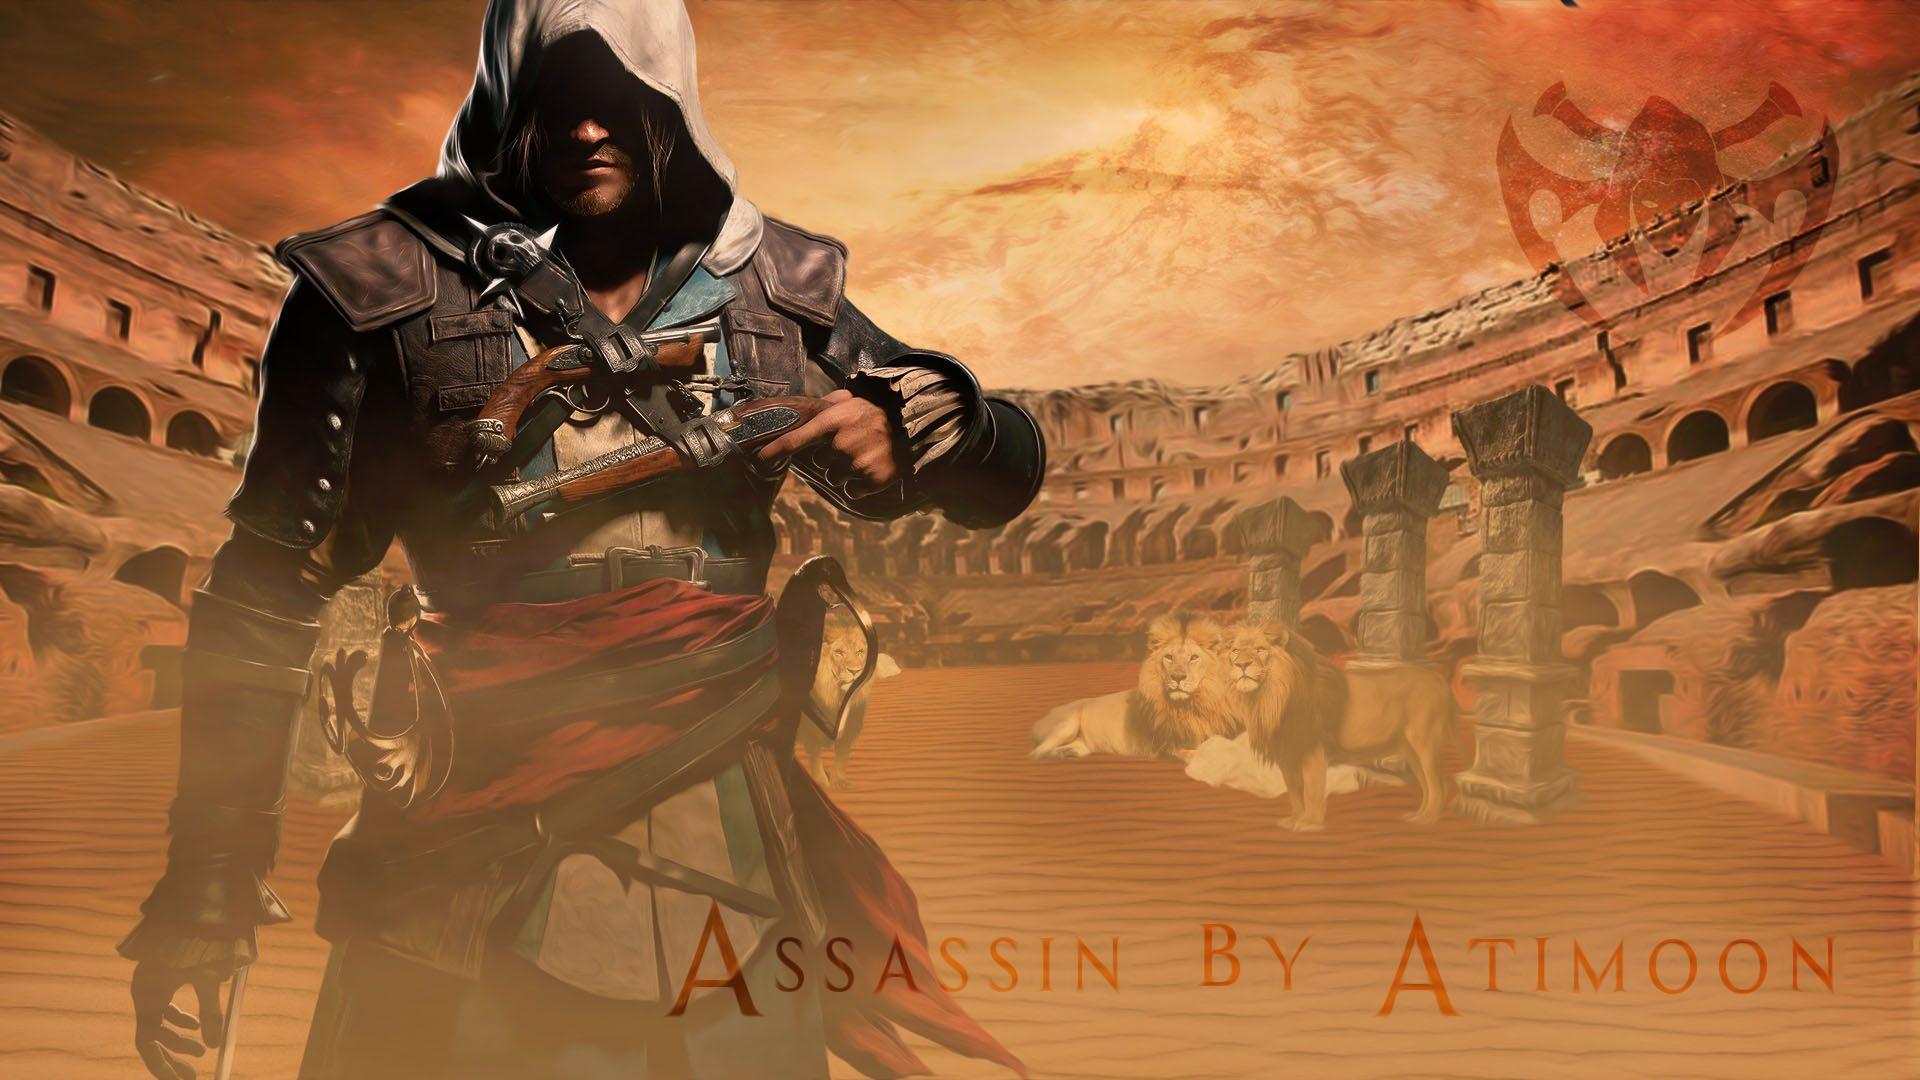 Assassin arena